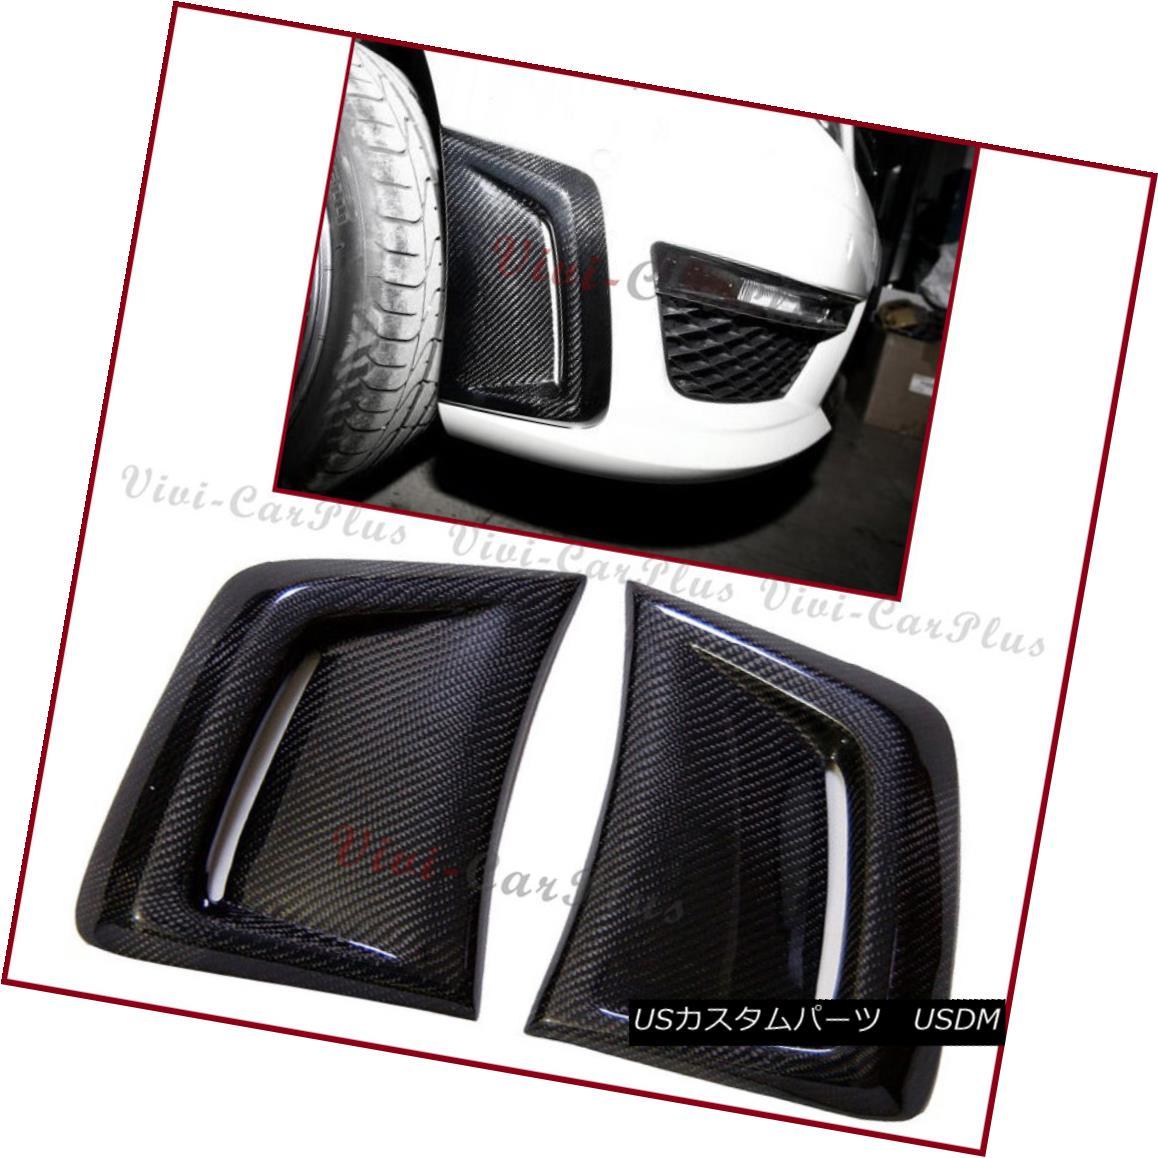 エアロパーツ Carbon Fiber Side Air Vent Induct Cover Hood For 12-14 C204 W204 C63AMG Bumper カーボンファイバーサイドエアベントダクトカバーフード12-14 C204 W204 C 63 AMGバンパー